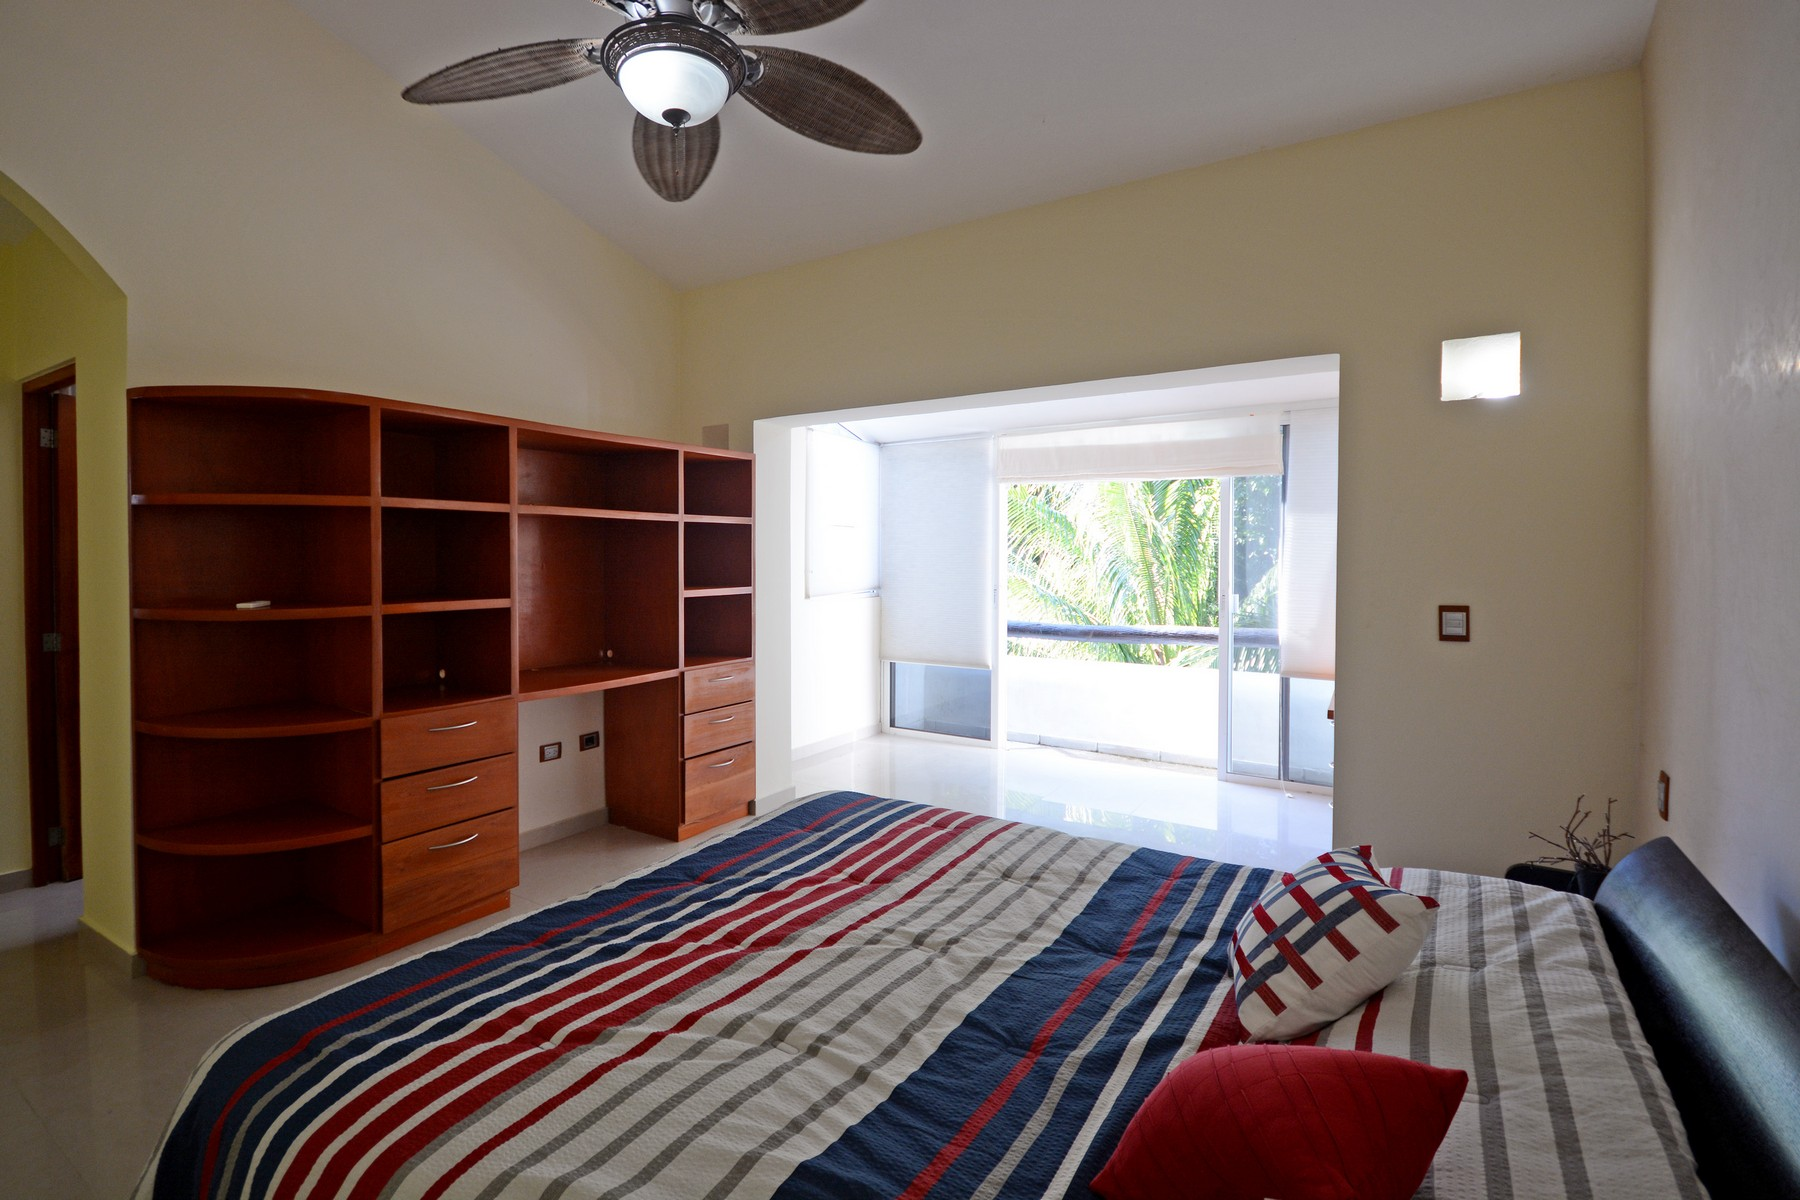 Additional photo for property listing at INSPIRING CASA PALOMITA Playamar Playa Del Carmen, Quintana Roo 77710 Mexico